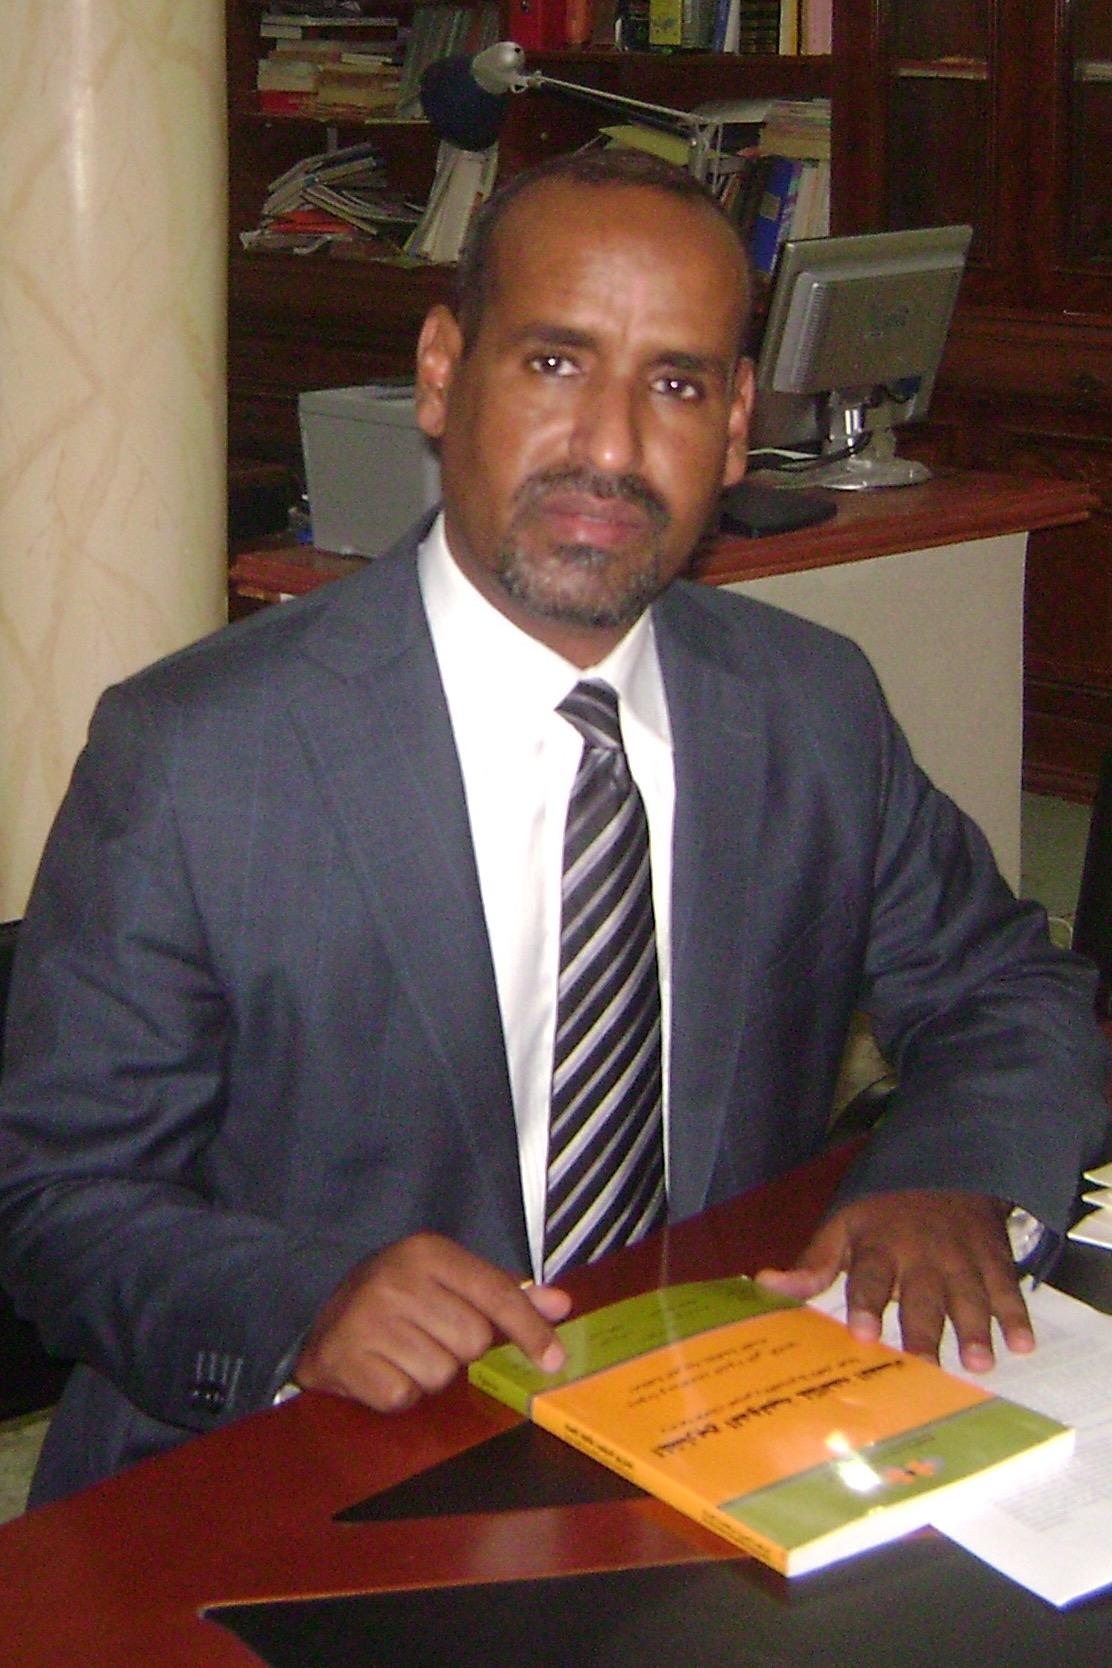 المحامي / محمد سيدي ولد عبد الرحمن وعضو فى مبادرة الدفاع عن المكتسبات الدستورية